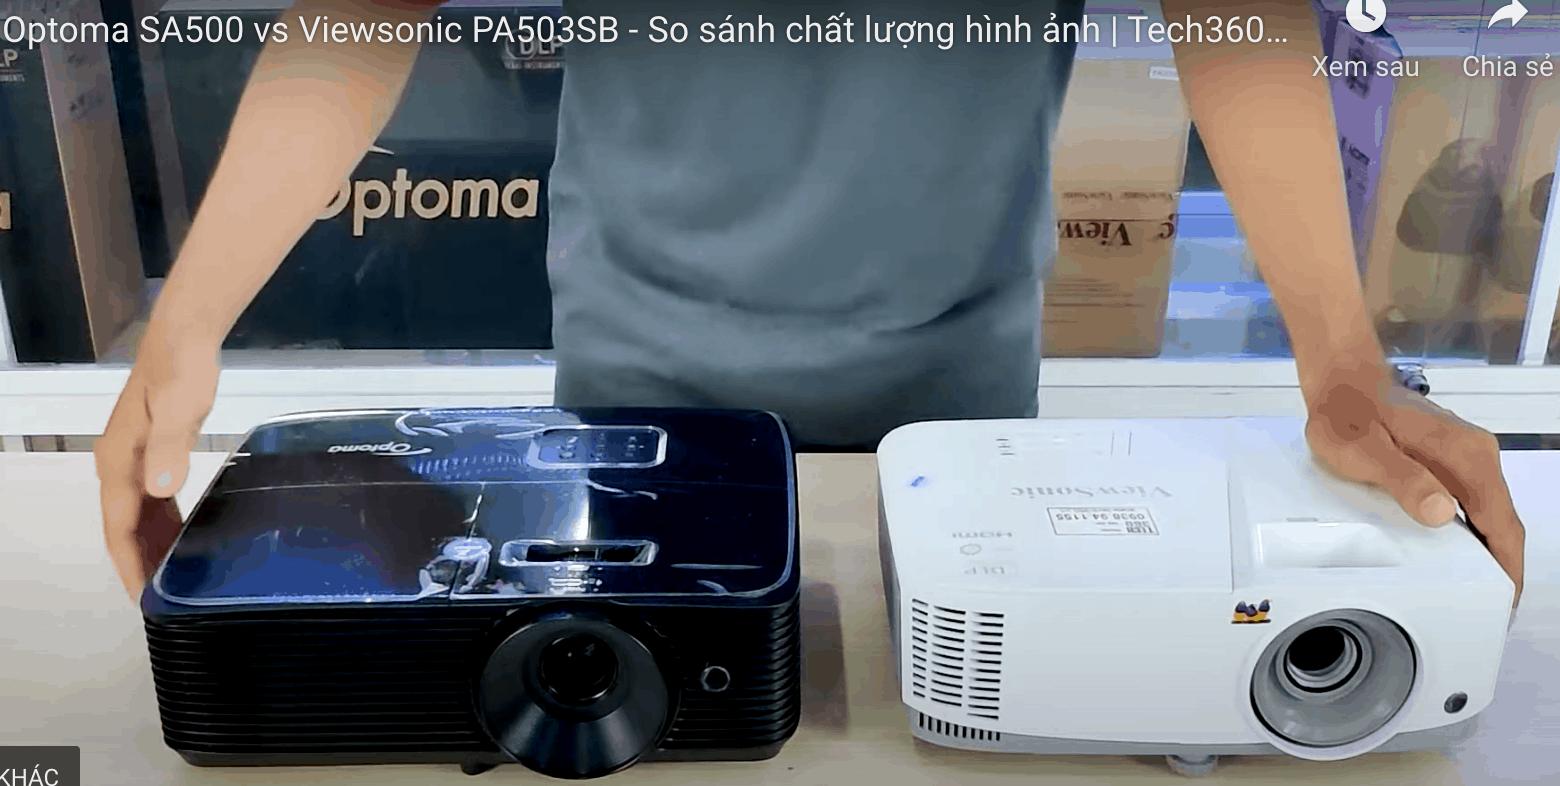 so sánh PA503SB với SA500